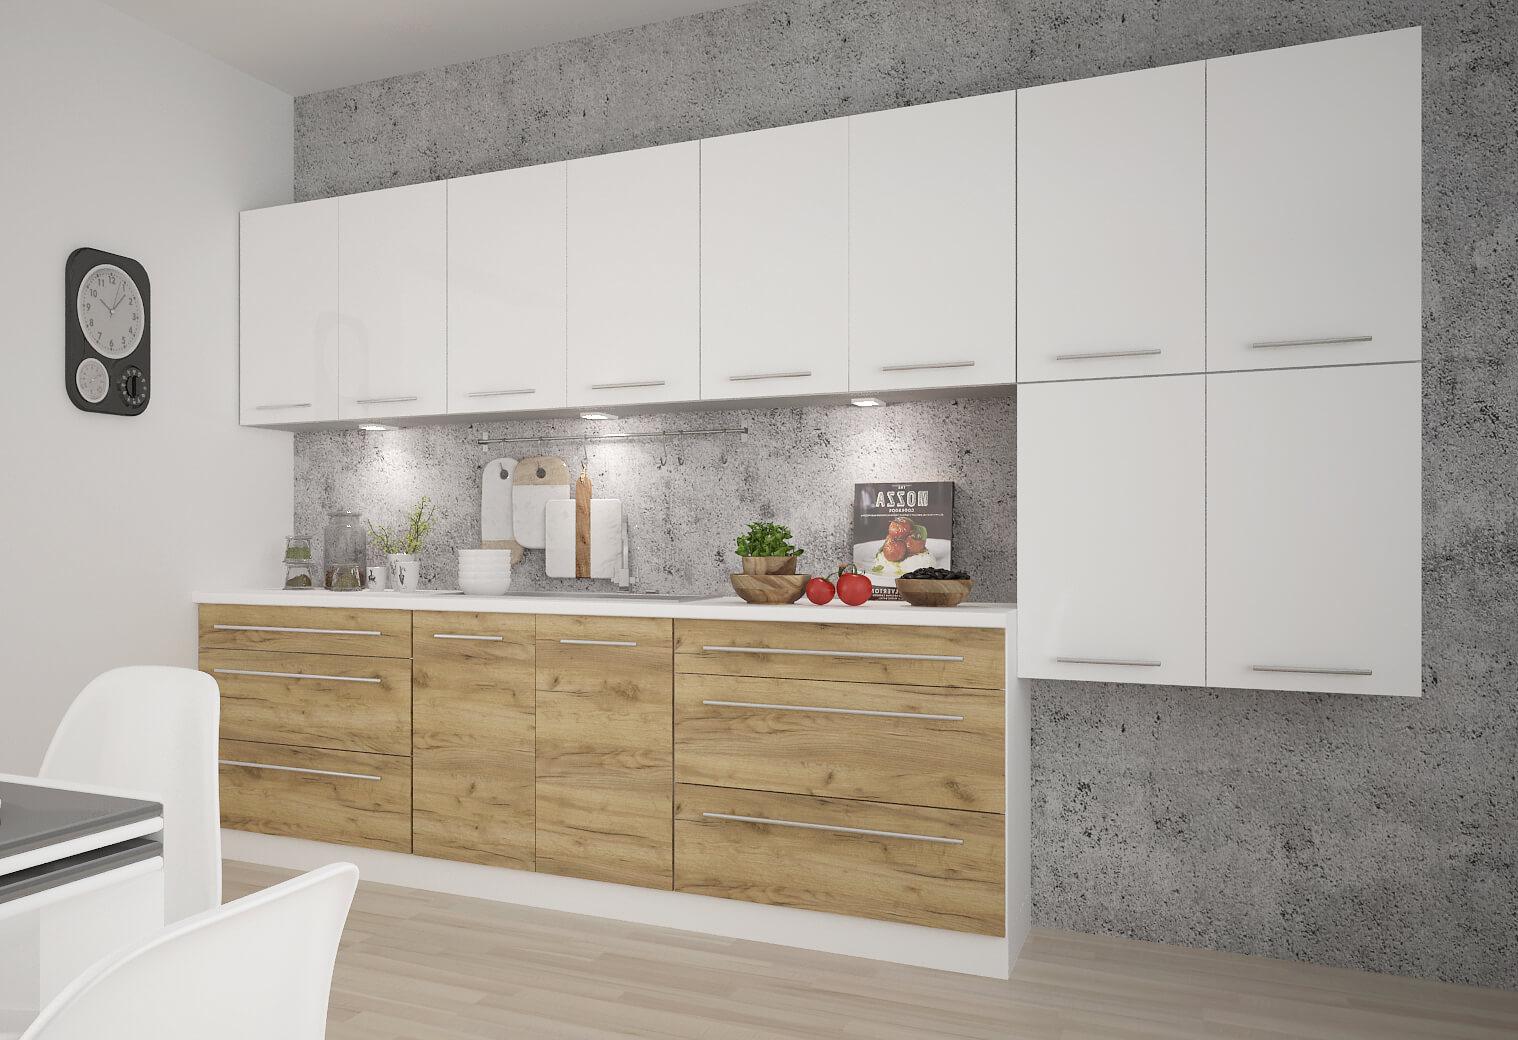 Full Size of Ikea Küche Eckunterschrank Metod Eckunterschrank Küche Klein Eckunterschrank Küche 90x90 Ikea Eckunterschrank Küche Tür Montieren Küche Eckunterschrank Küche